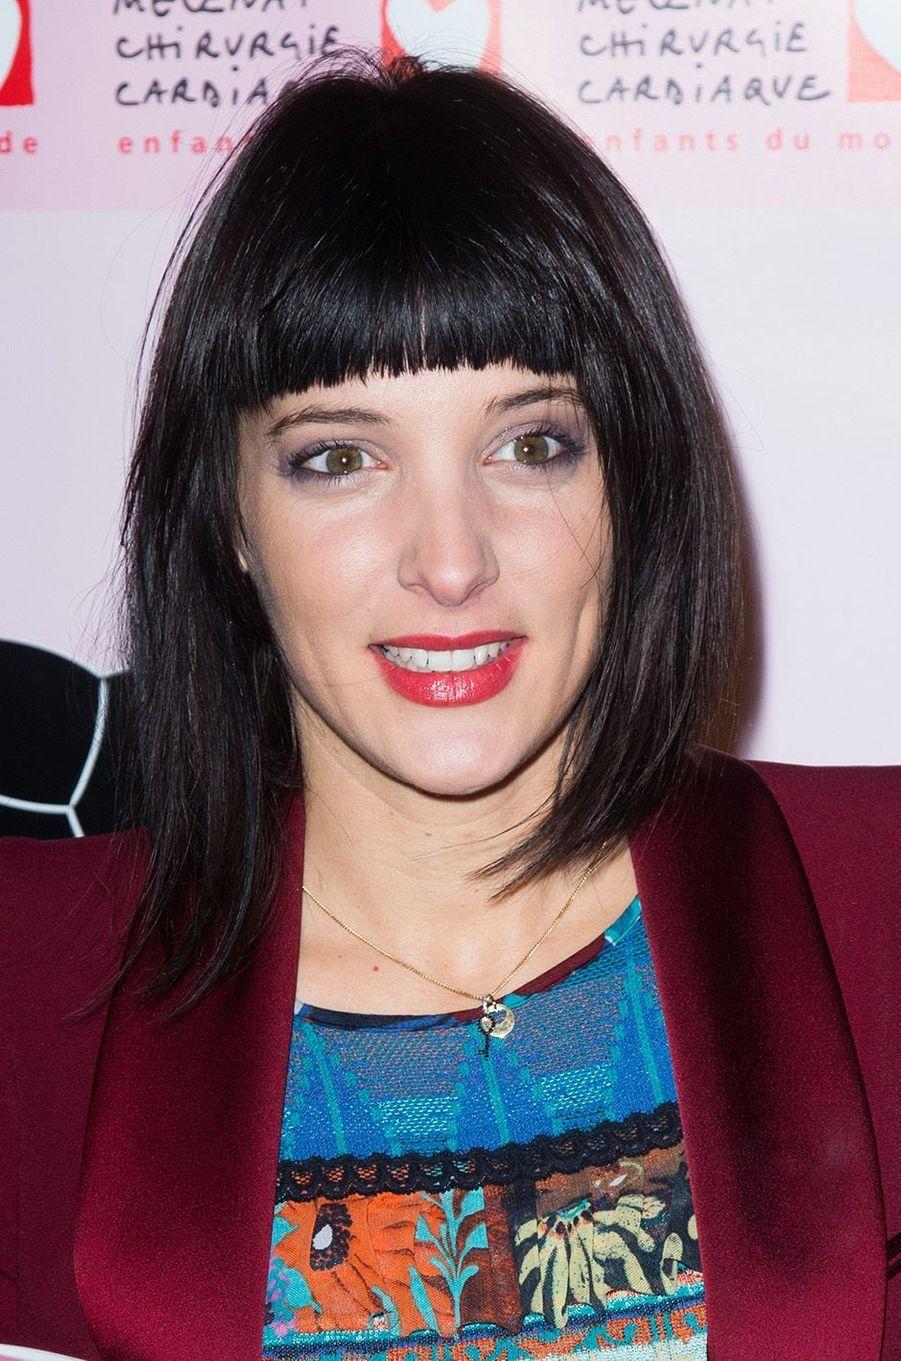 Erika Moulet auGaladu coeur deMécénat Chirurgie cardiaque, à Paris le 30 janvier 2017.